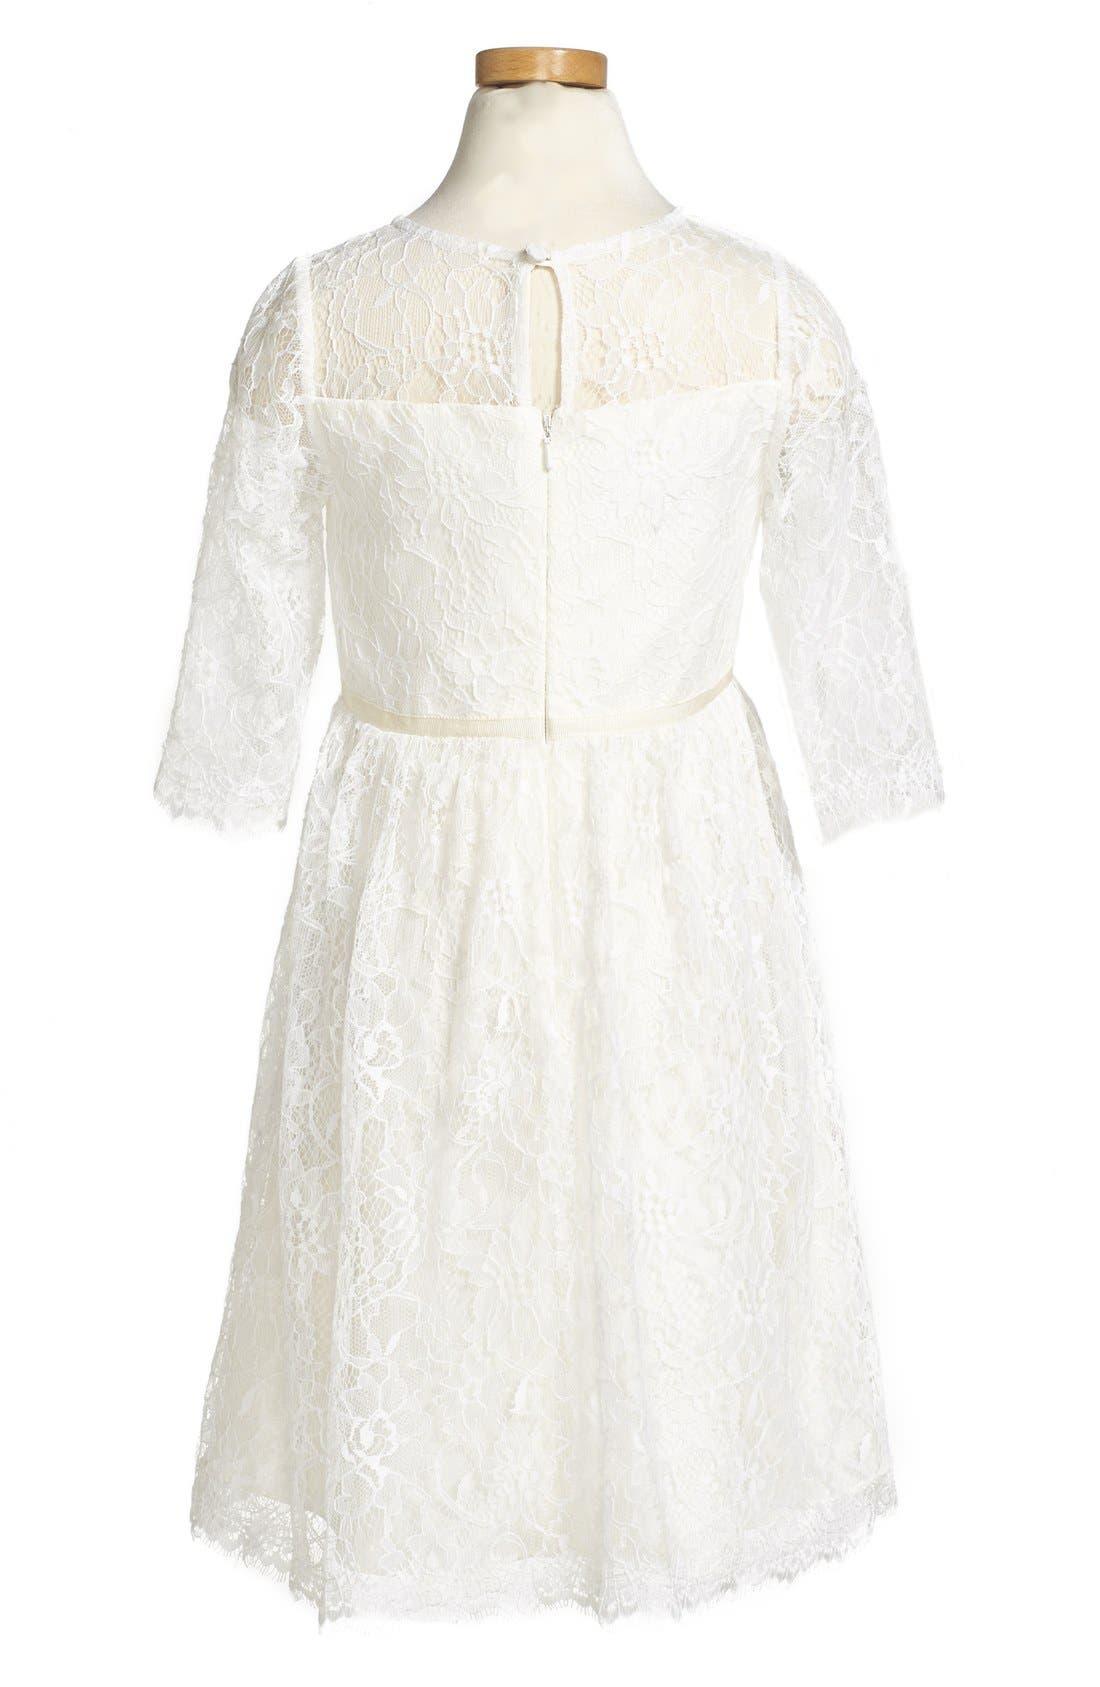 Annie Floral Appliqué Lace Dress,                             Alternate thumbnail 4, color,                             Ivory